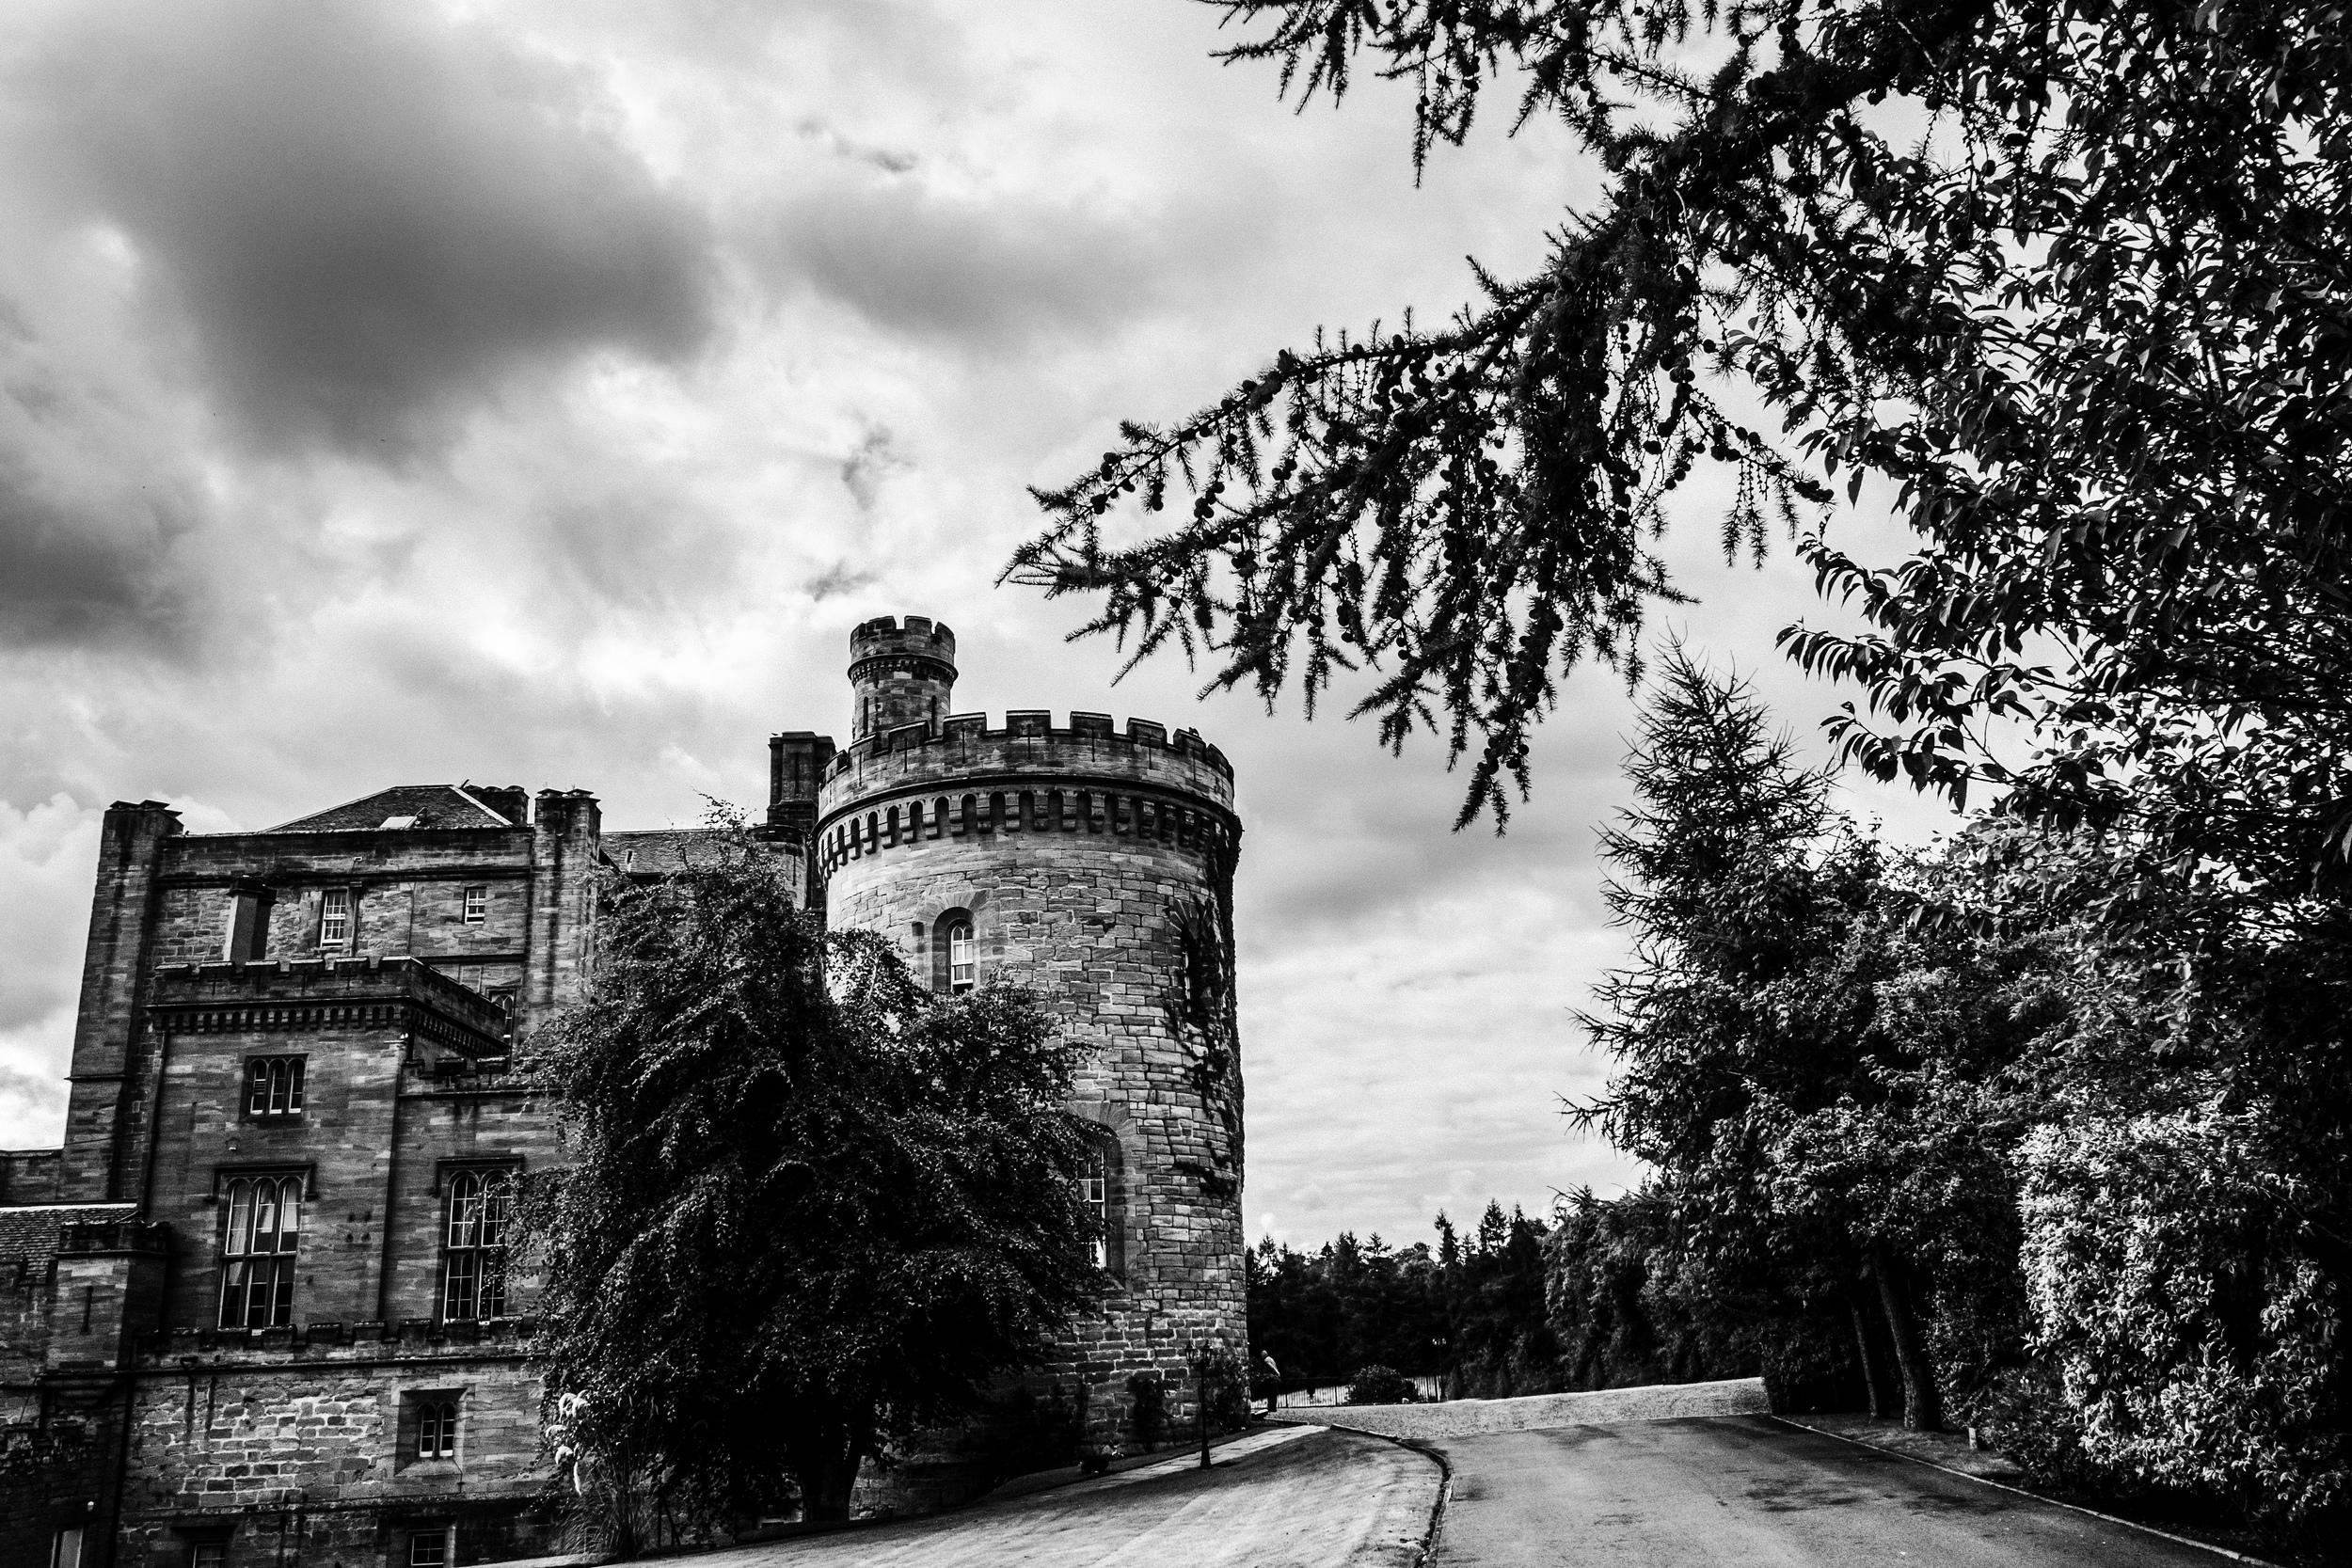 Dalhousie Castle in Edinburgh